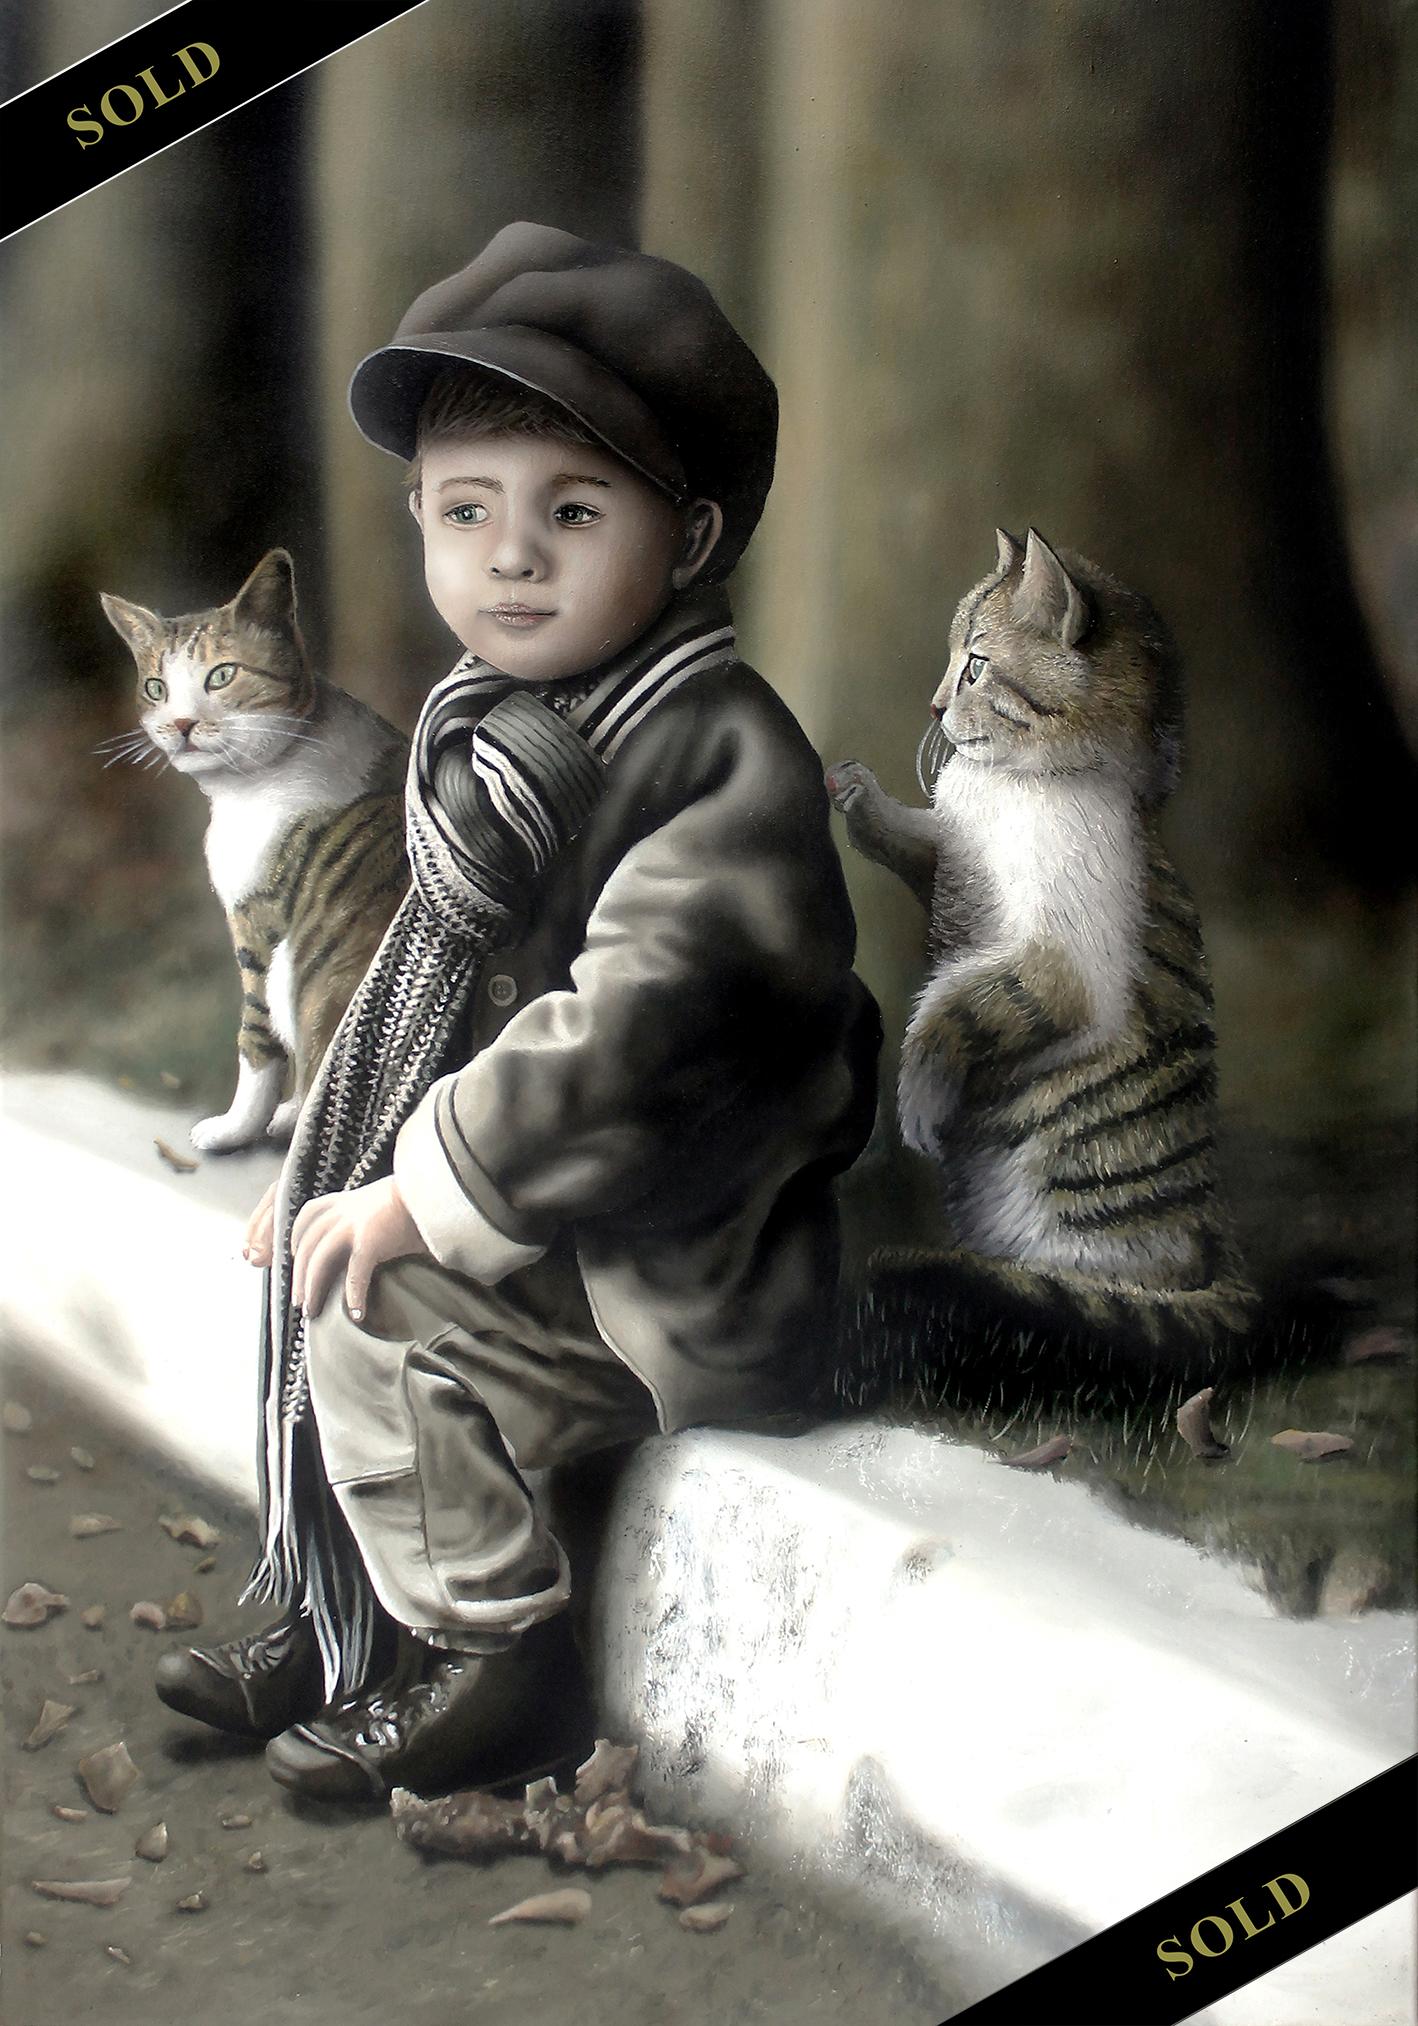 Childhood: Gabriel